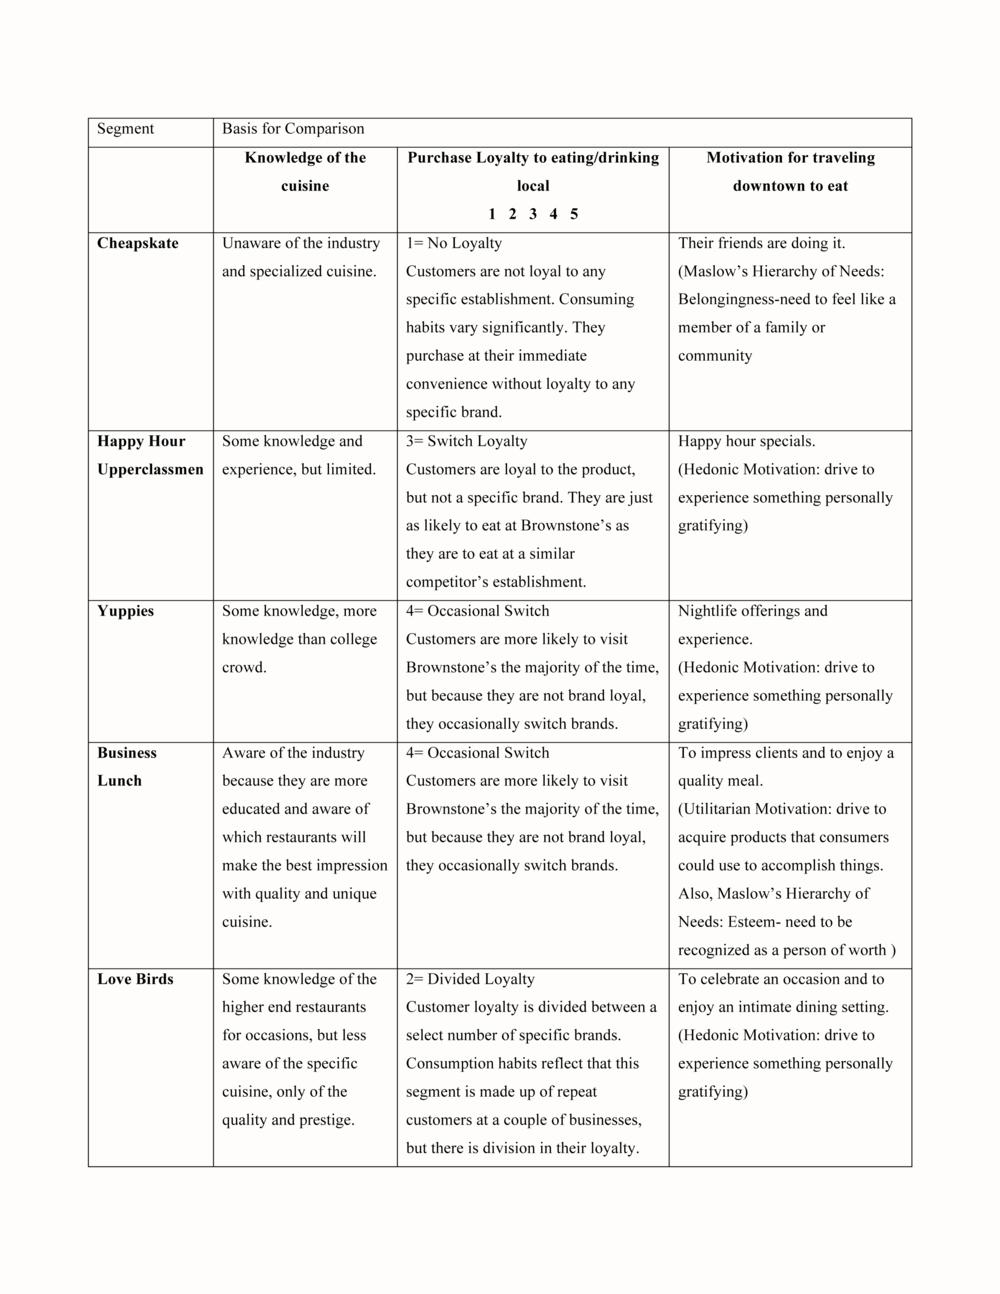 RelevantCustomerSegments-2.png